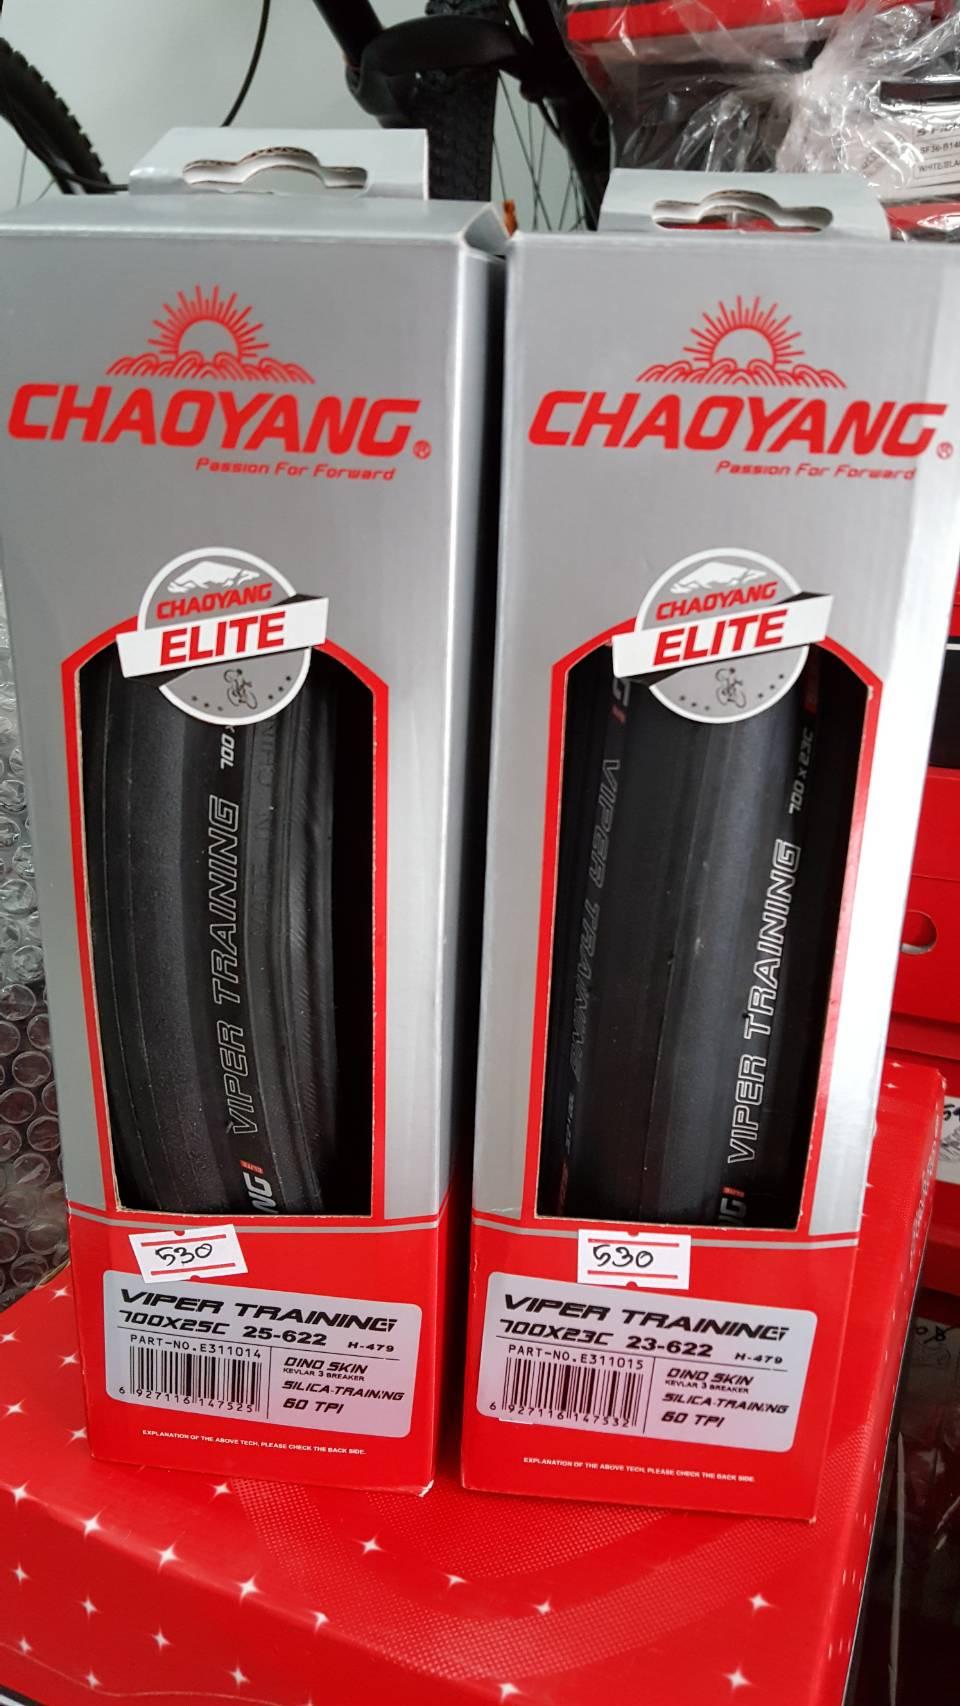 ยางนอกขอบพับ Chaoyang รุ่น Viper Training ขนาด 700 X23 และ 700 x25 มีกันหนามเคฟล่า เนื้อยาง 60 tpi น้ำหนักเบามาก